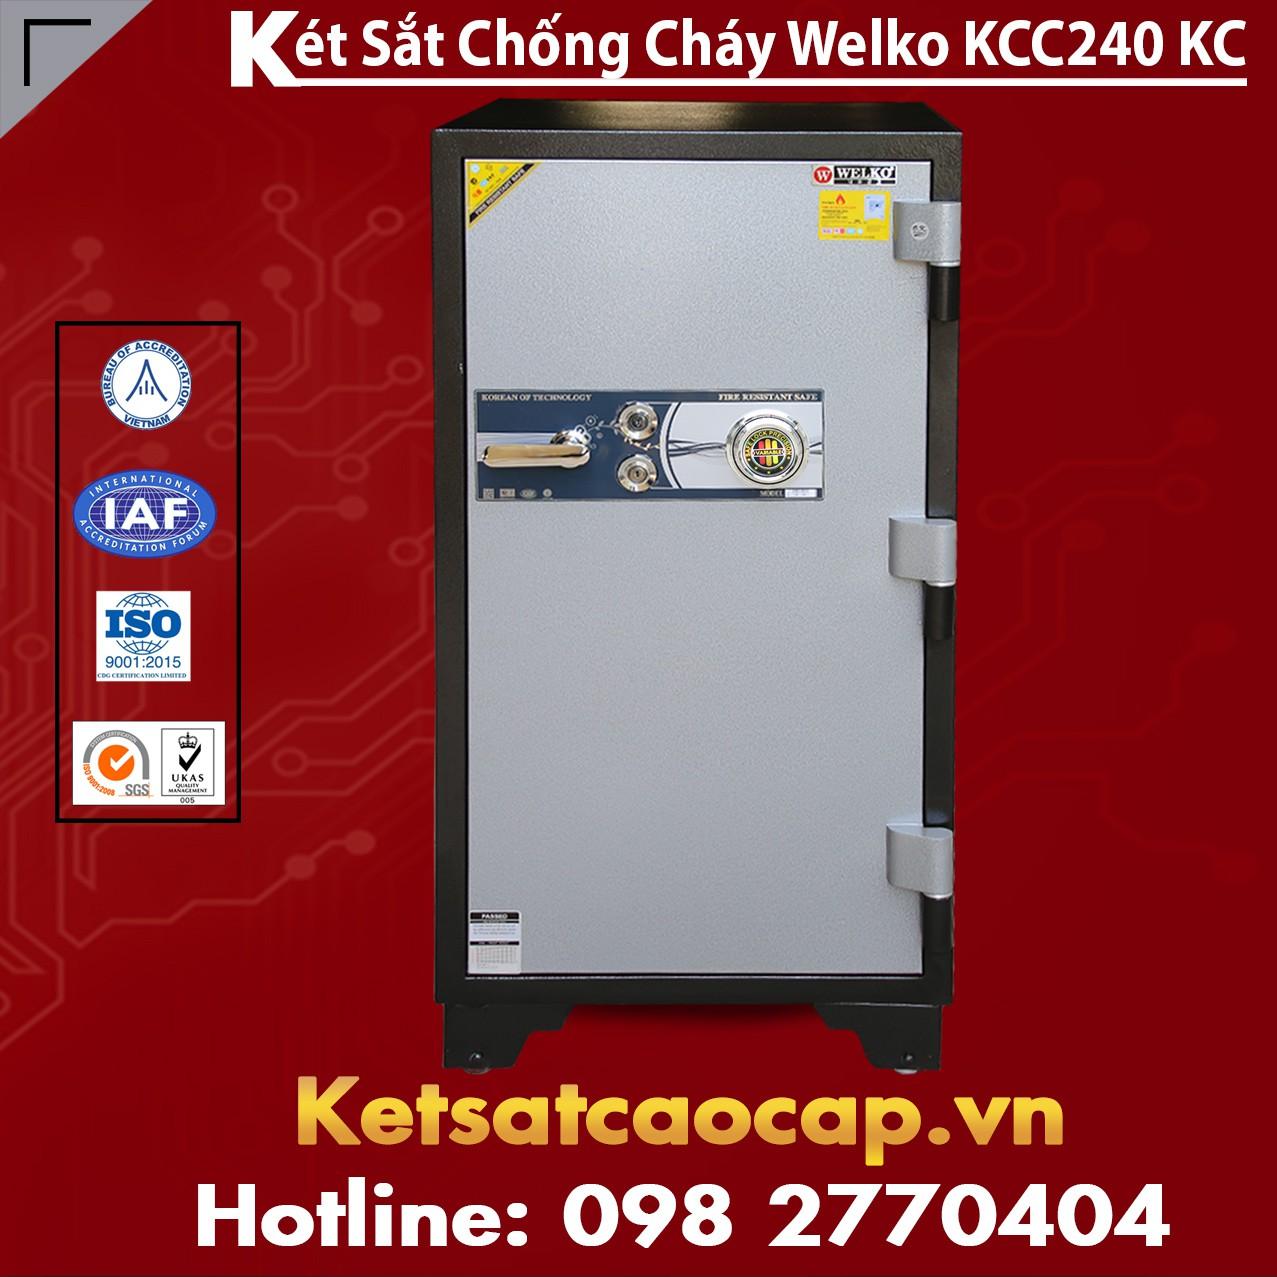 Két Sắt Chống Cháy KCC 240 - KC